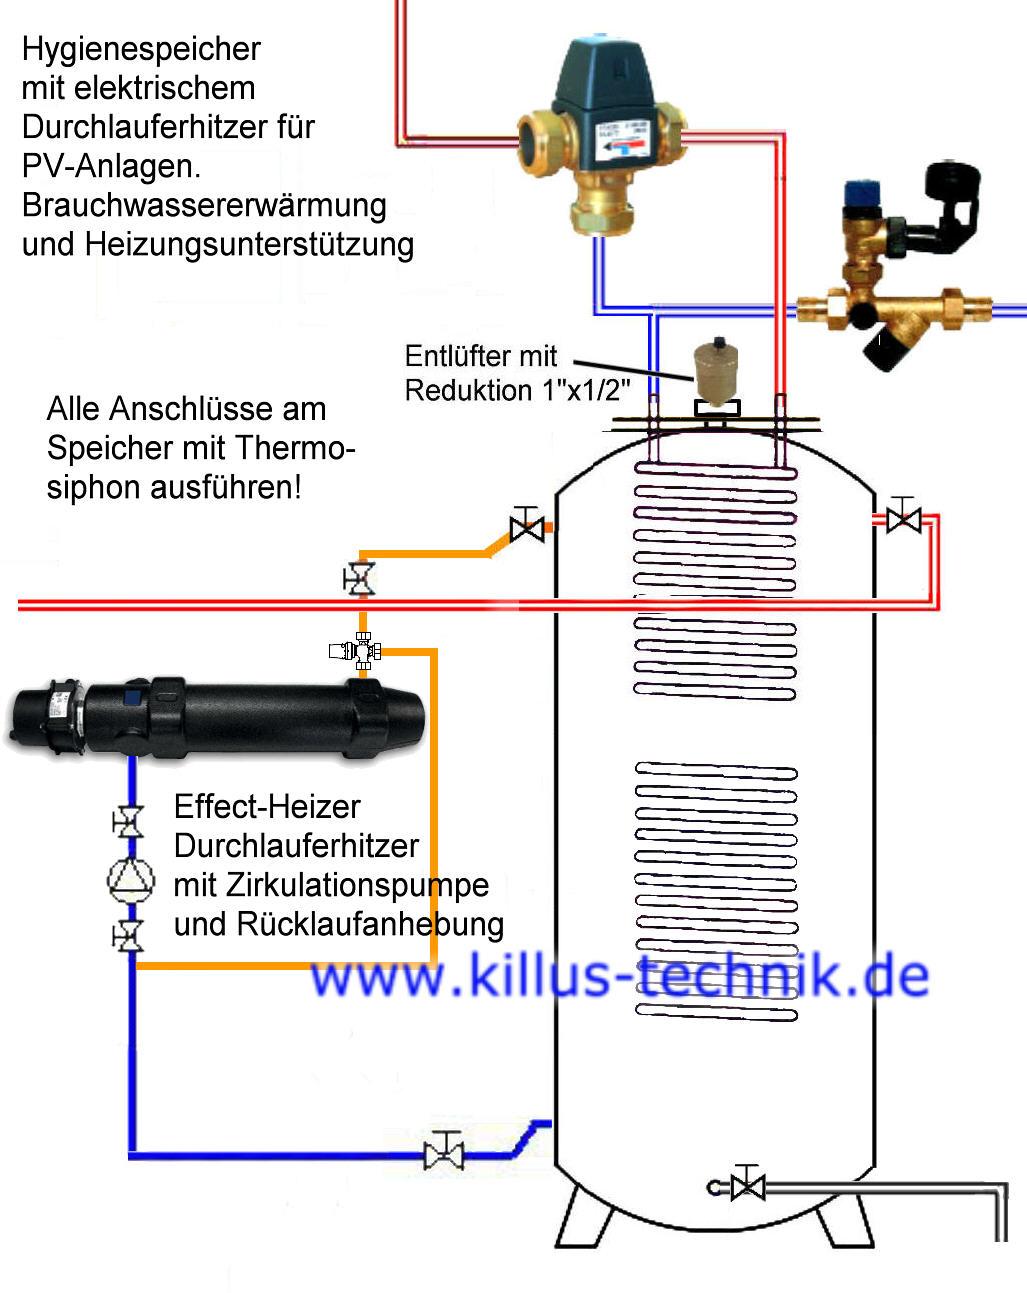 Effekt-Heizer Durchlauferhitzer an Hygienespeicher mit Rücklaufanhebung Killus-Technik.de